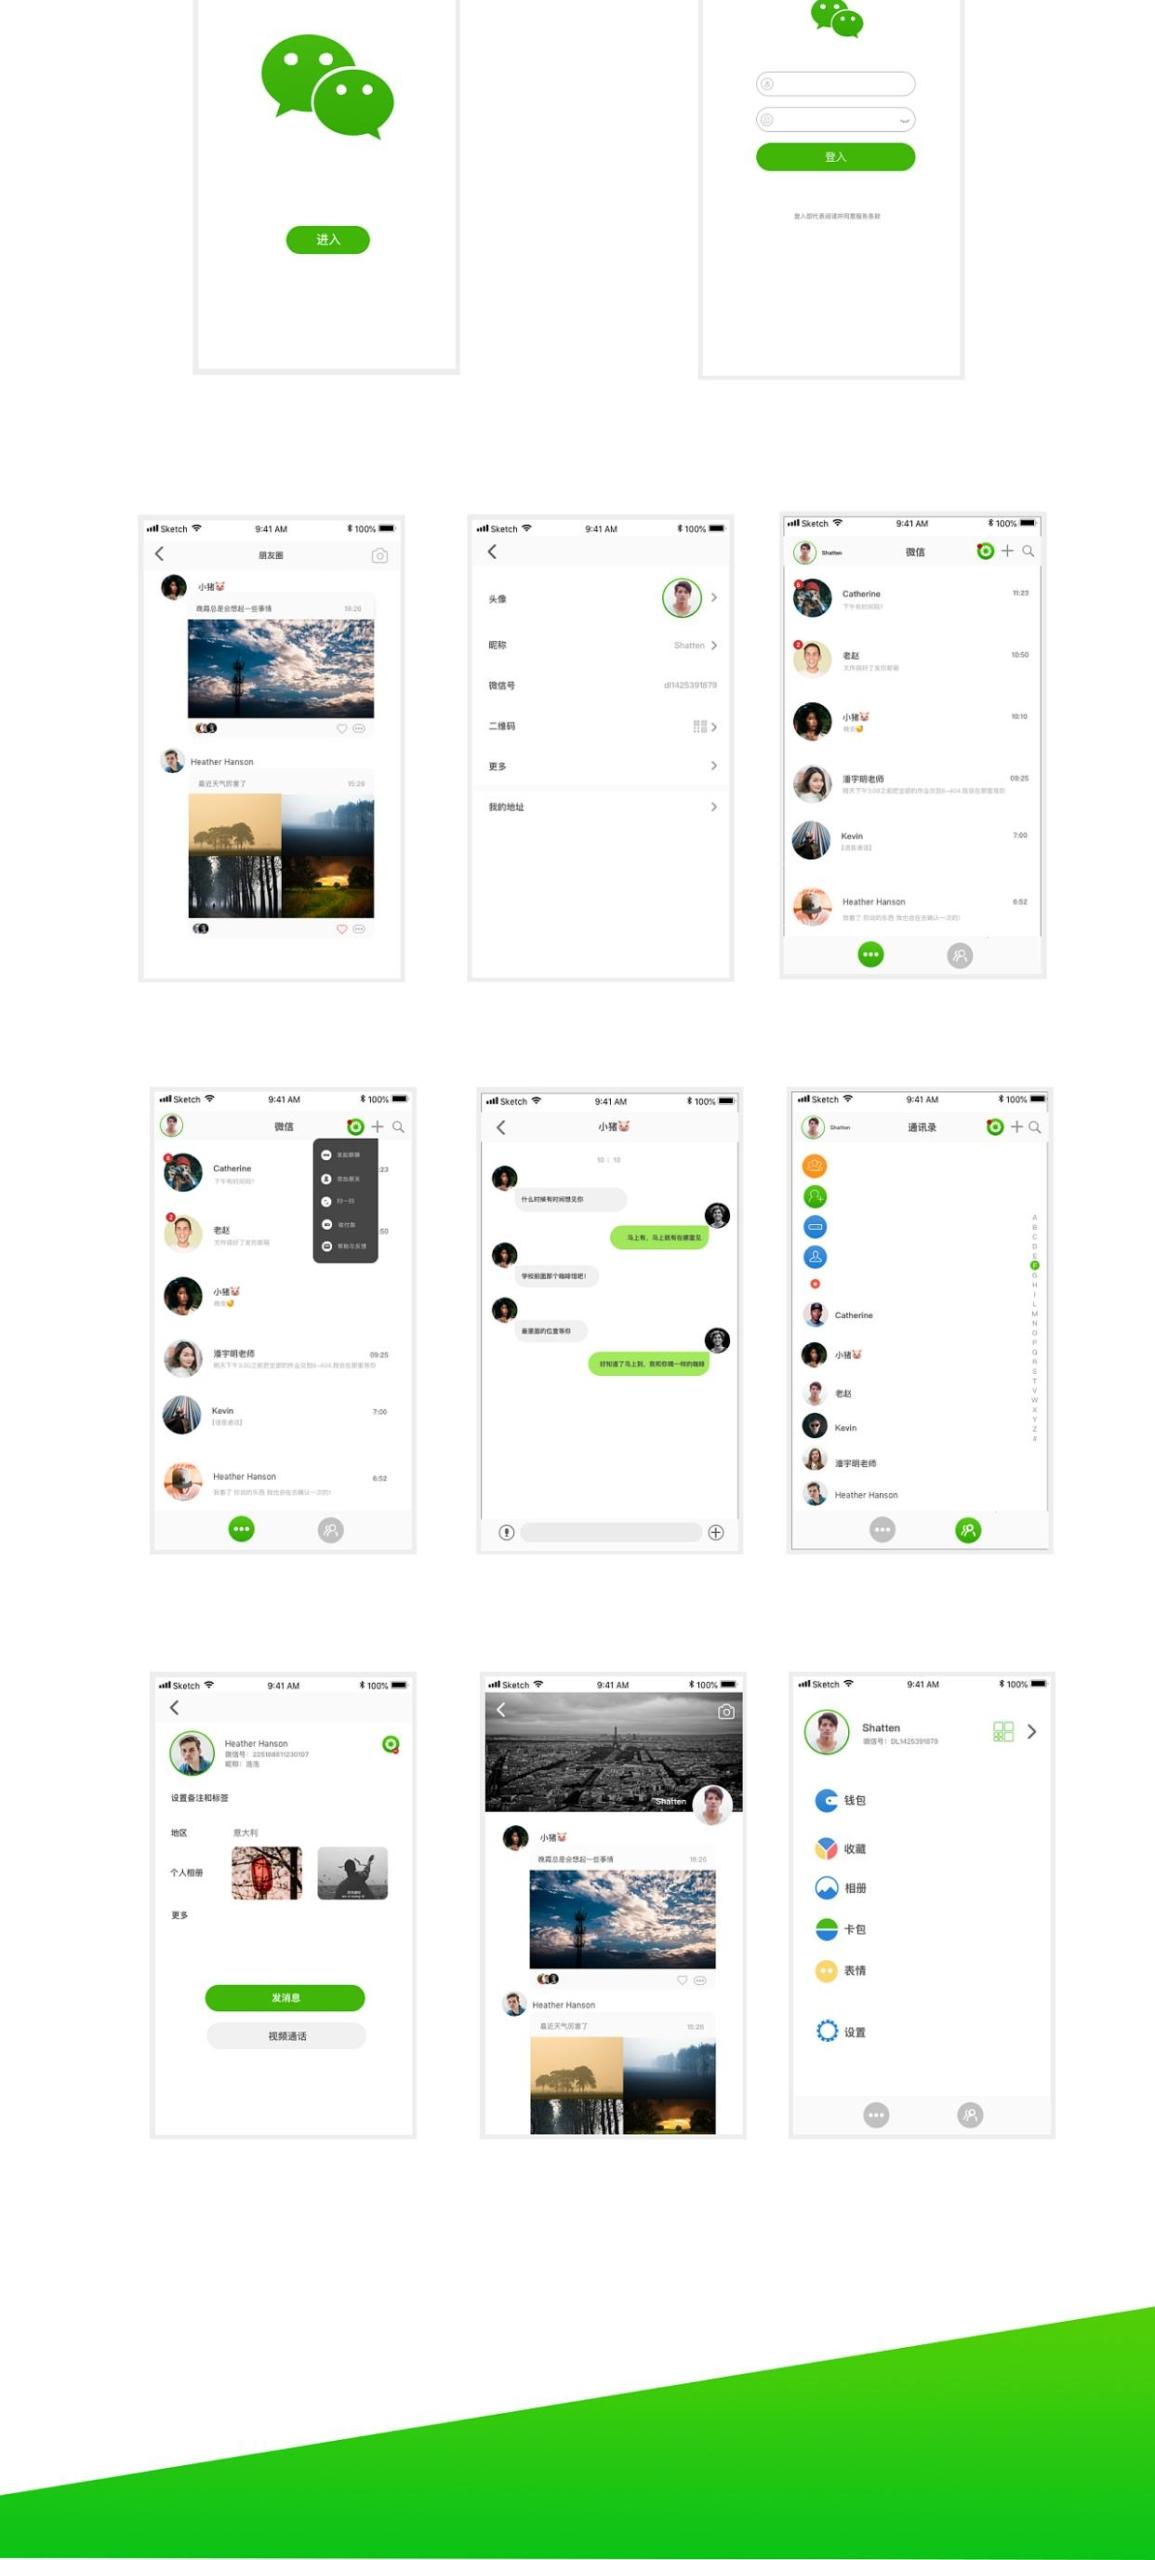 新版仿微信社交社区即时通讯聊天移动手机端APP源码带PC端及完整开发文档说明文档完整通讯版